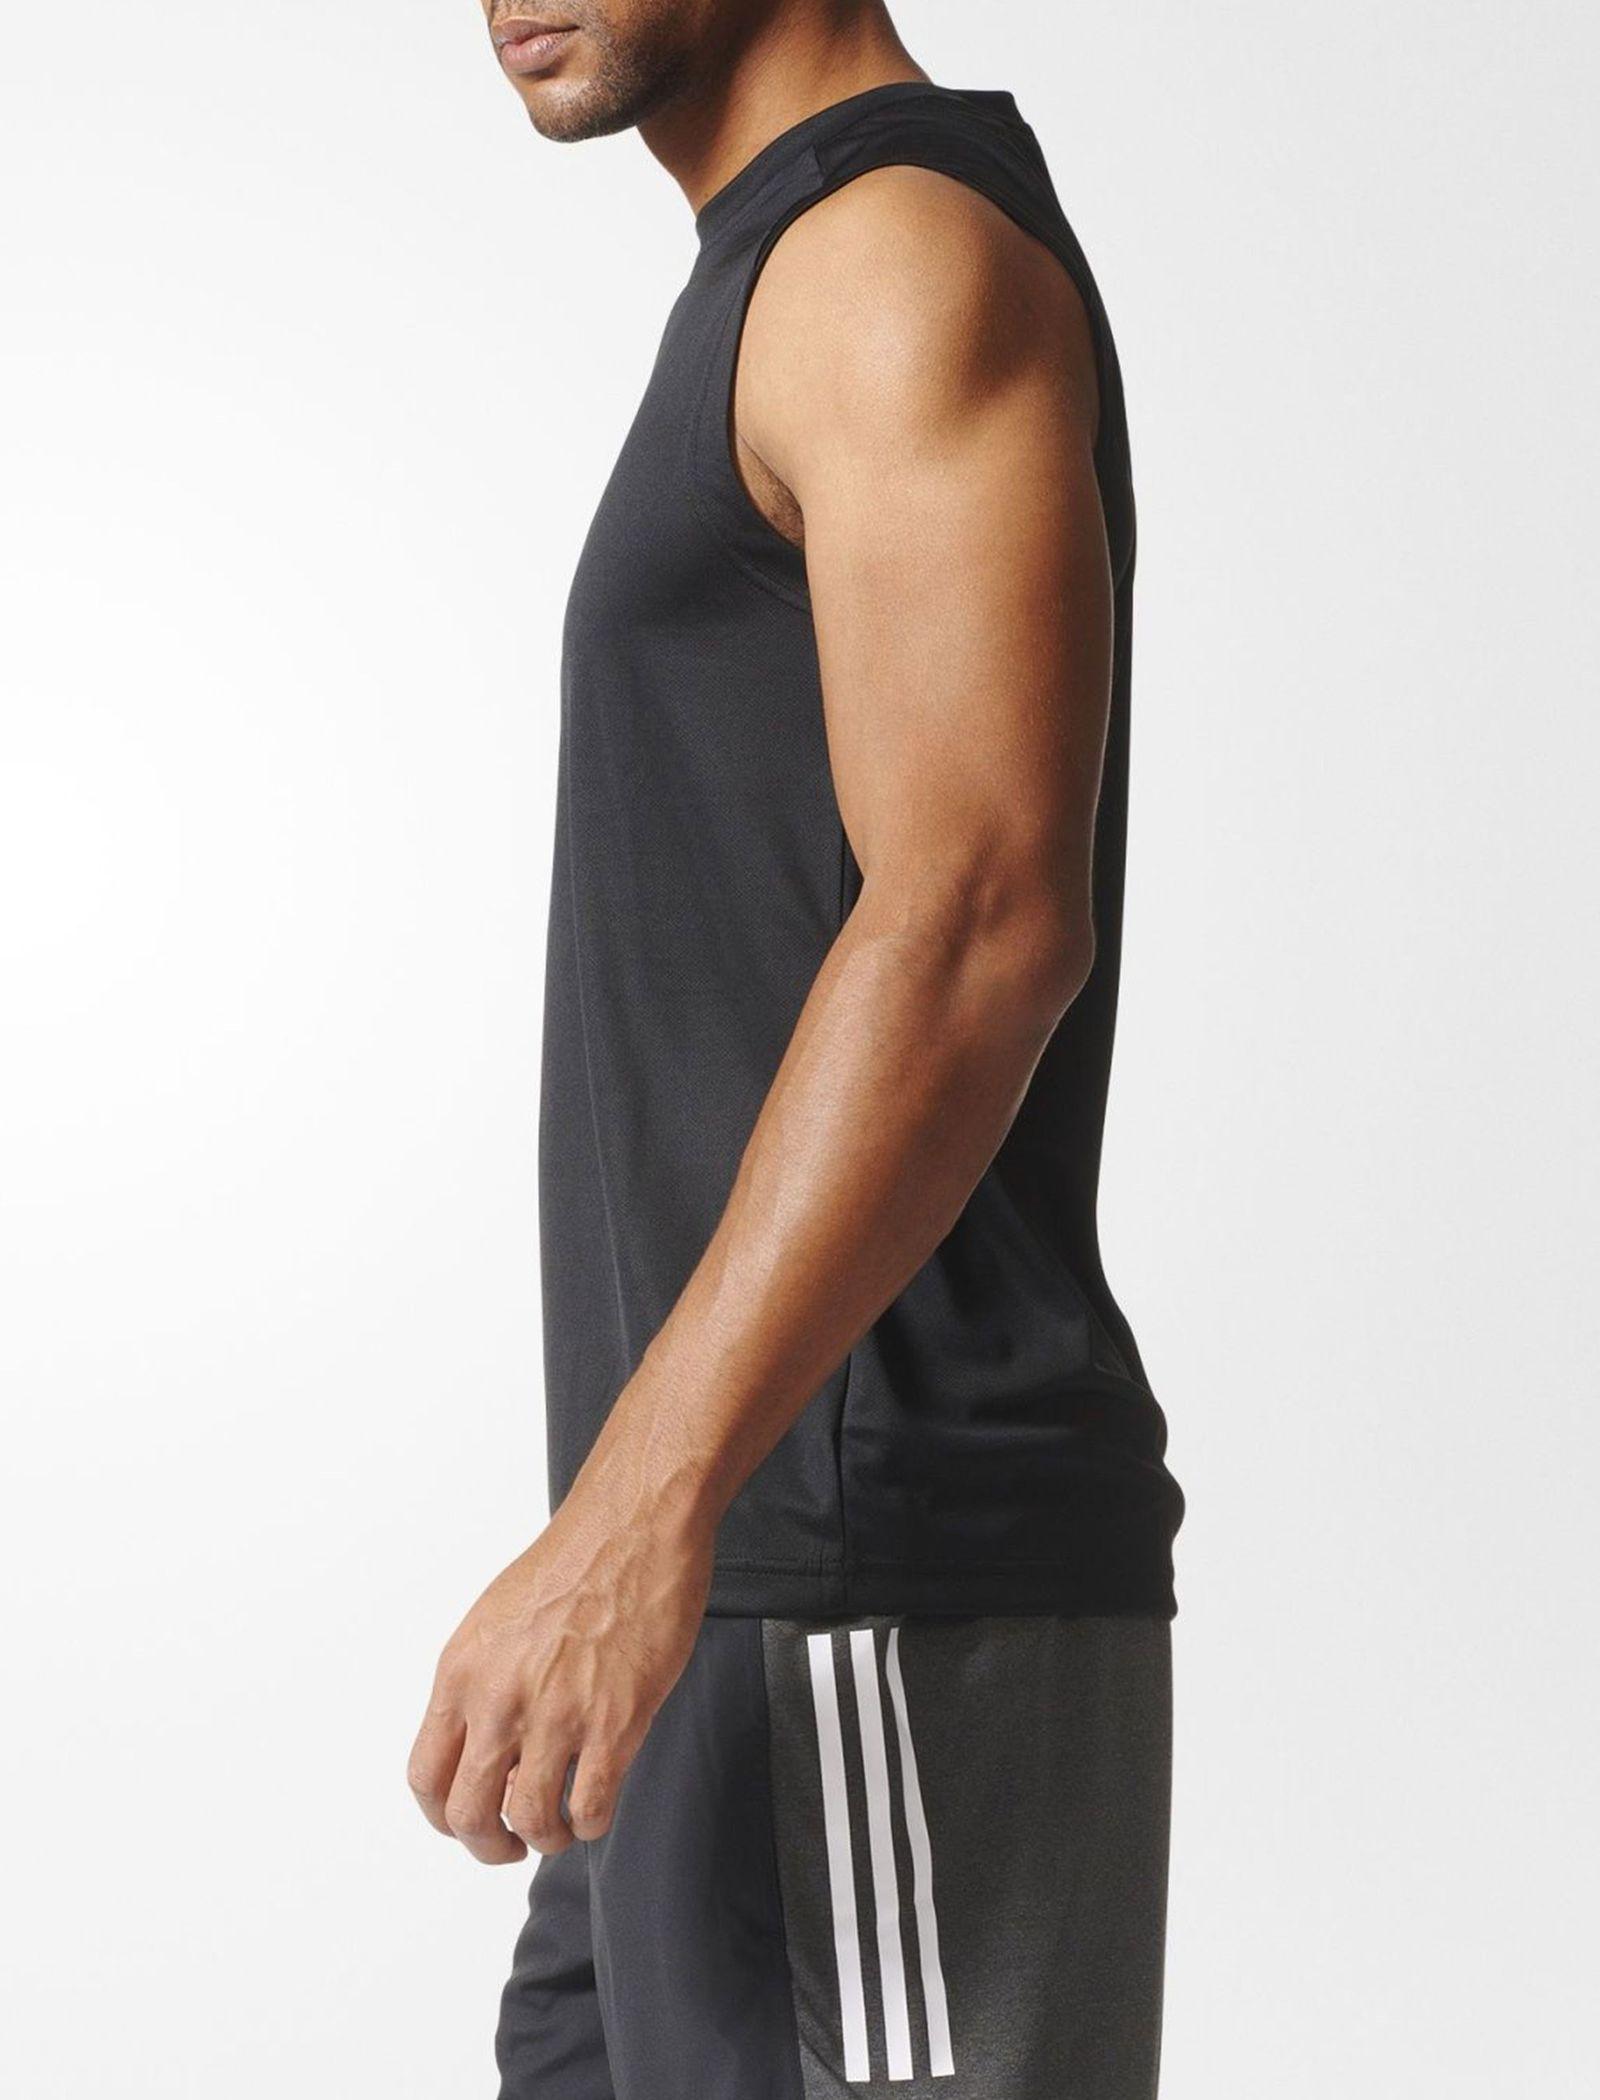 تاپ ورزشی یقه گرد مردانه BVD Sporty Design To Move PLAIN - آدیداس - مشکي - 3